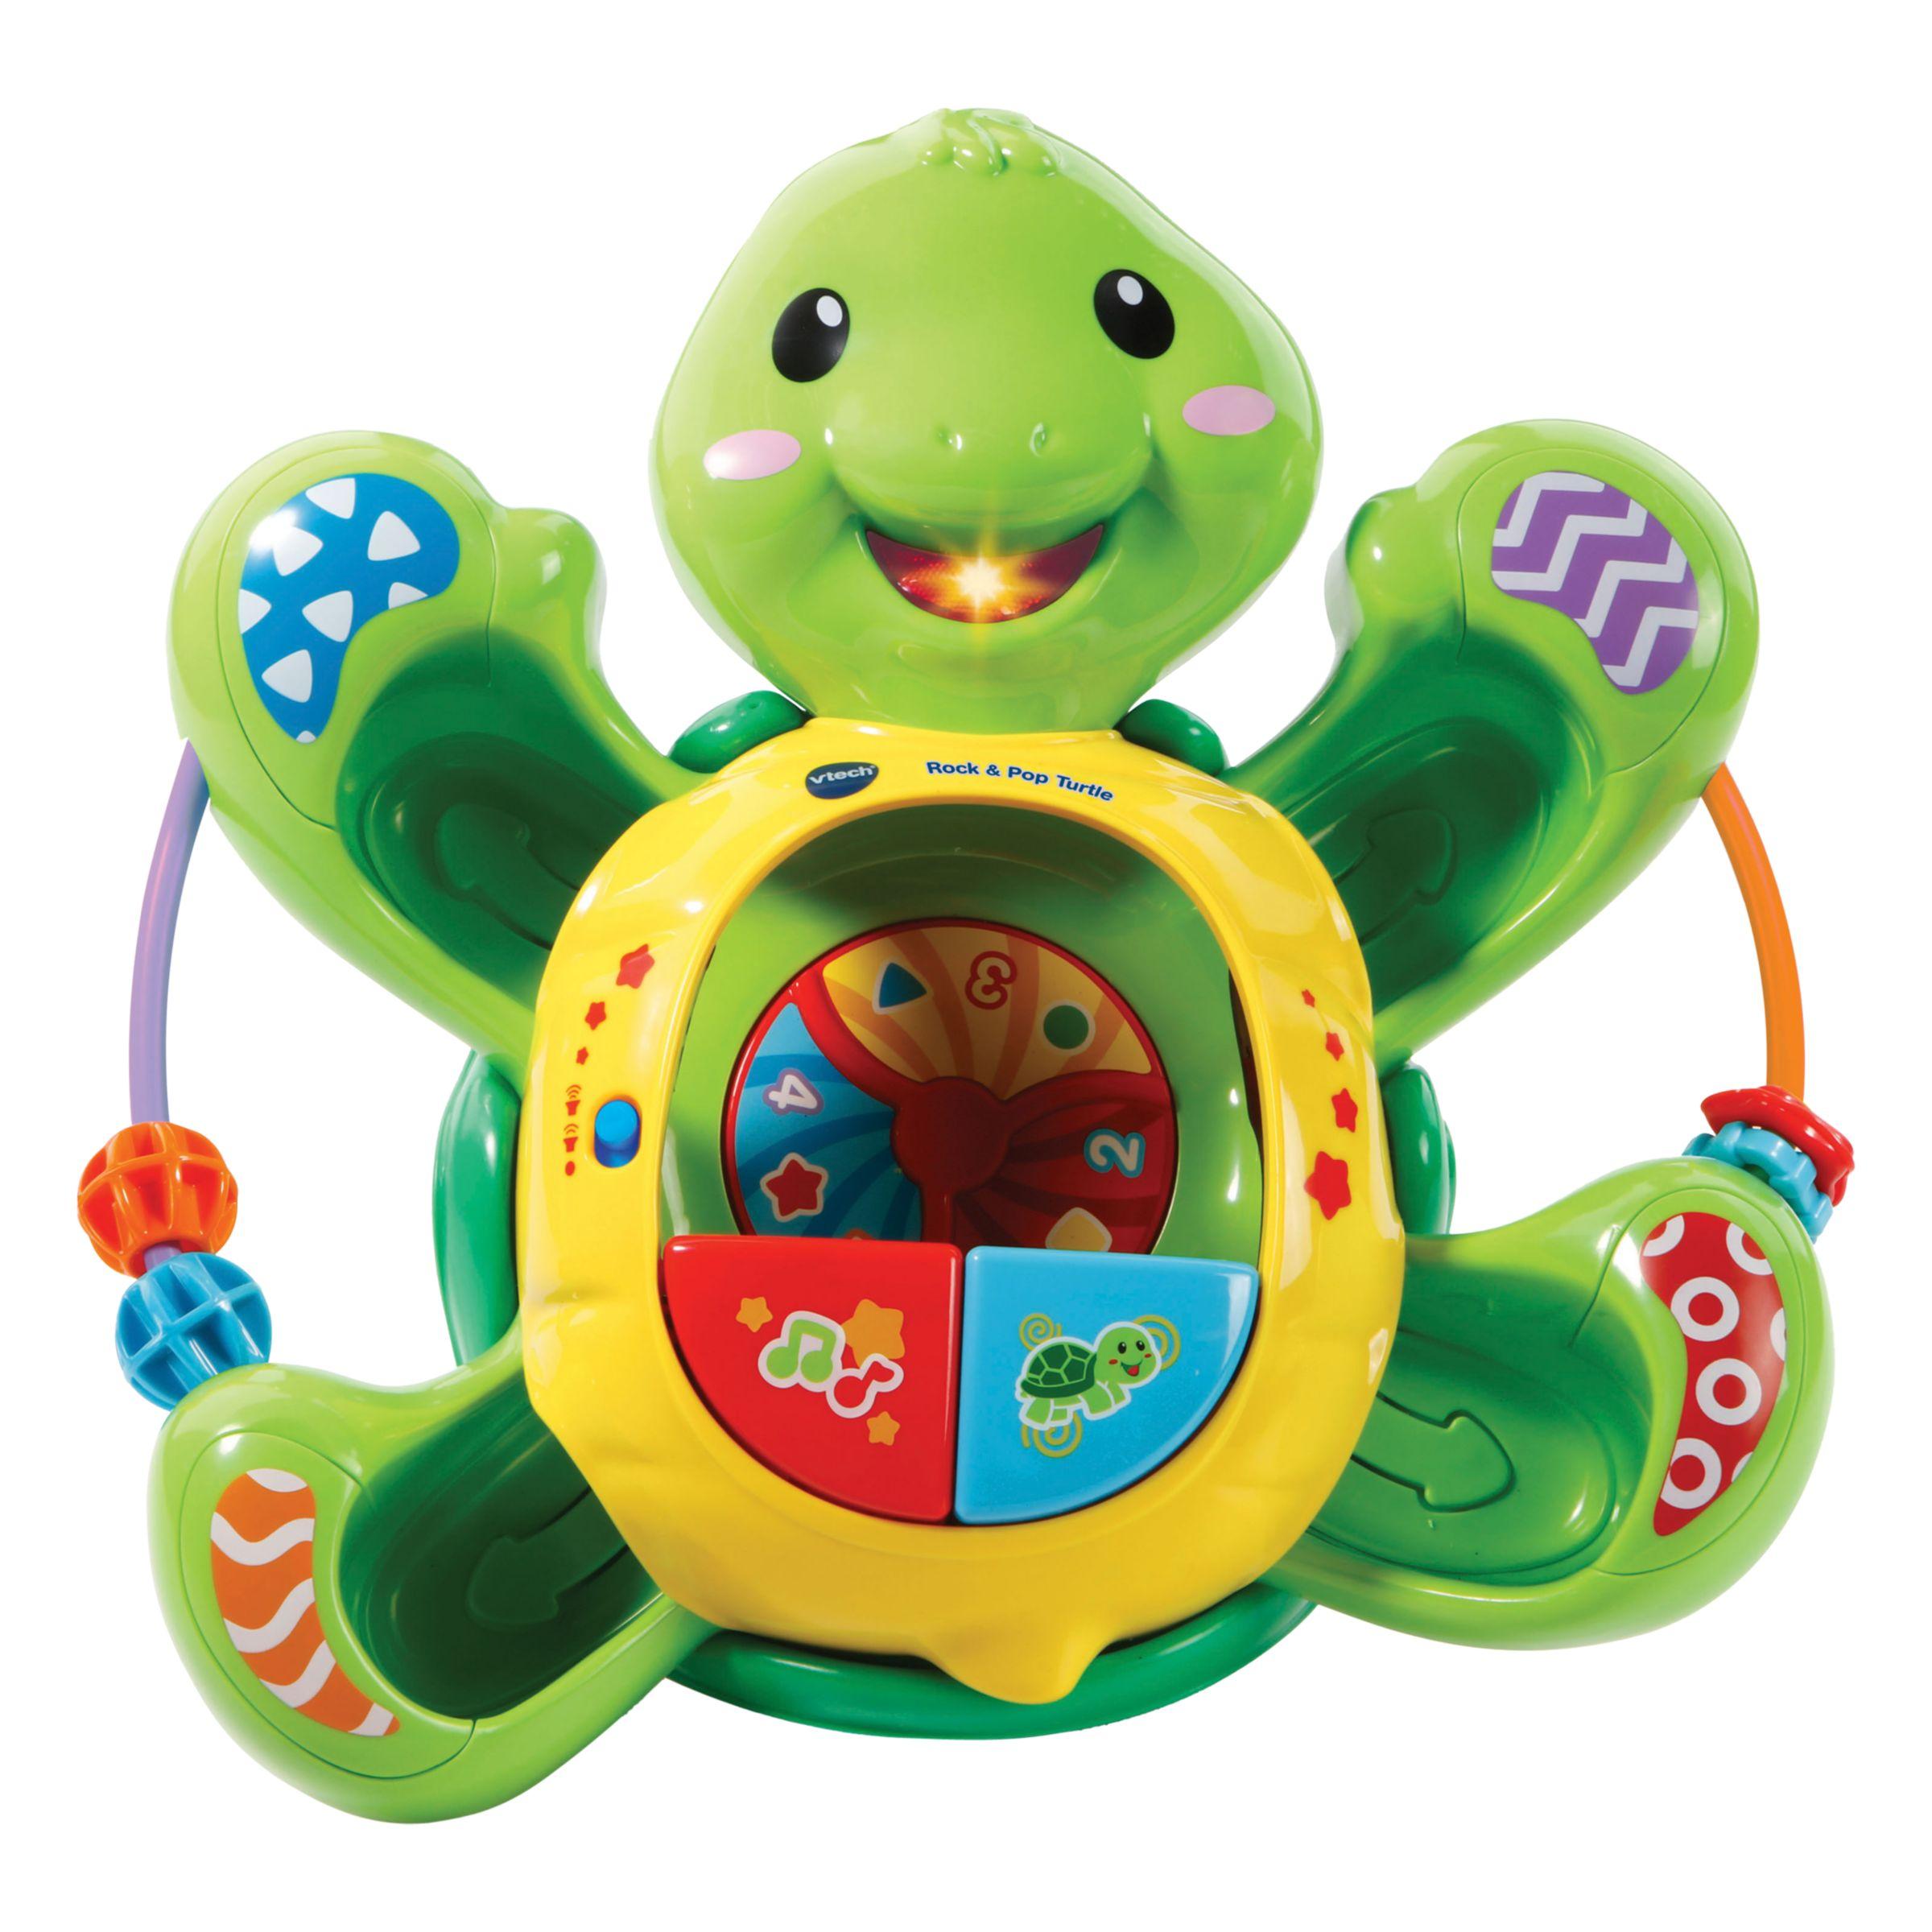 Vtech VTech Baby Pop-a-Ball Rock & Pop Turtle